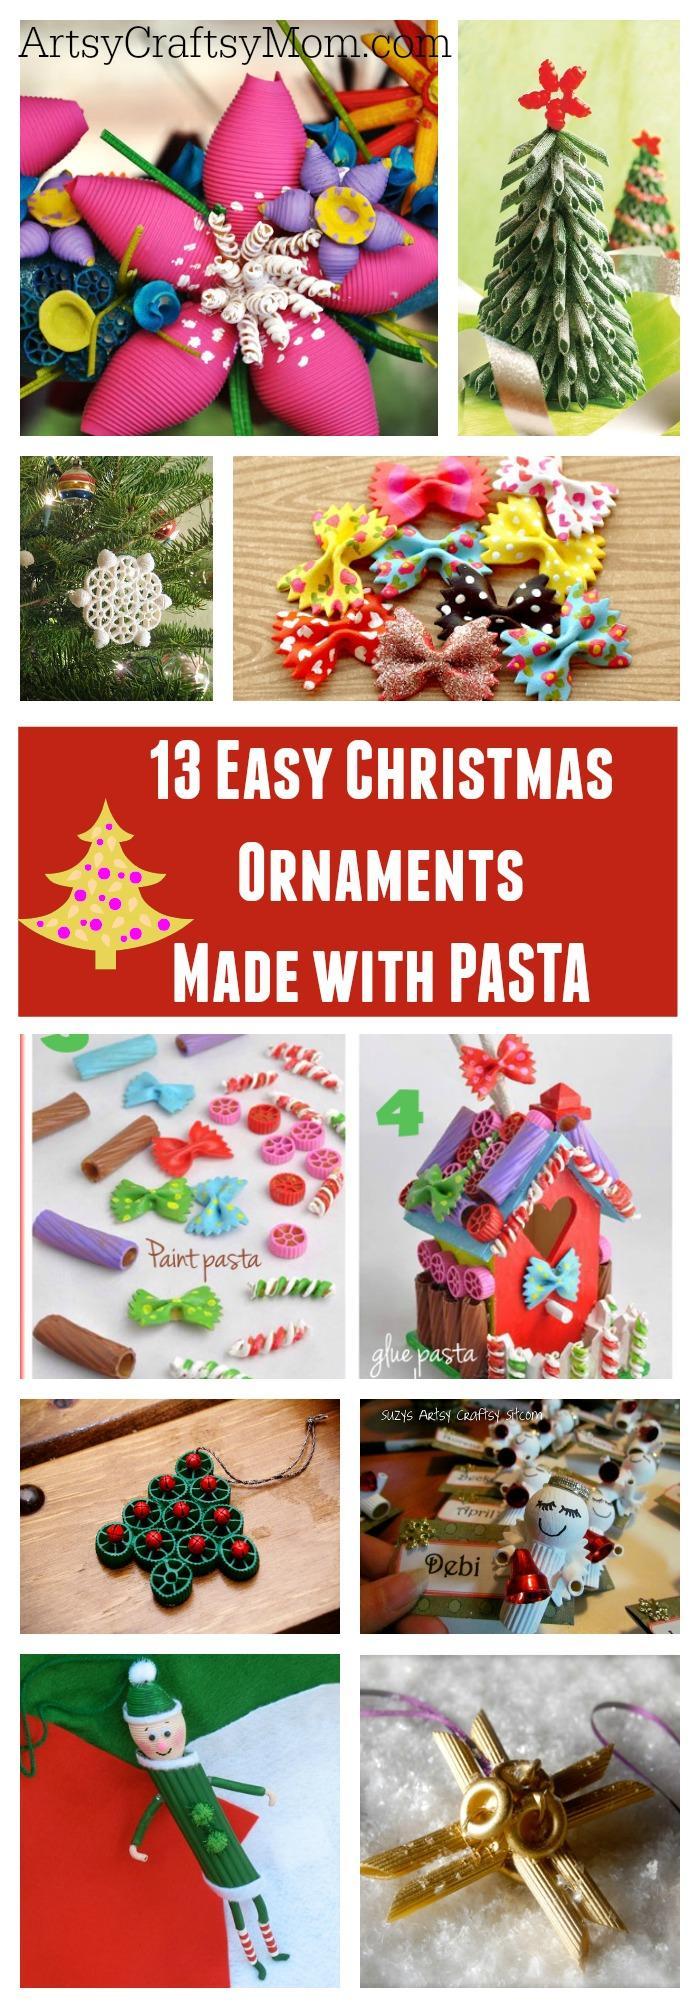 how to make pasta on a trangiaa